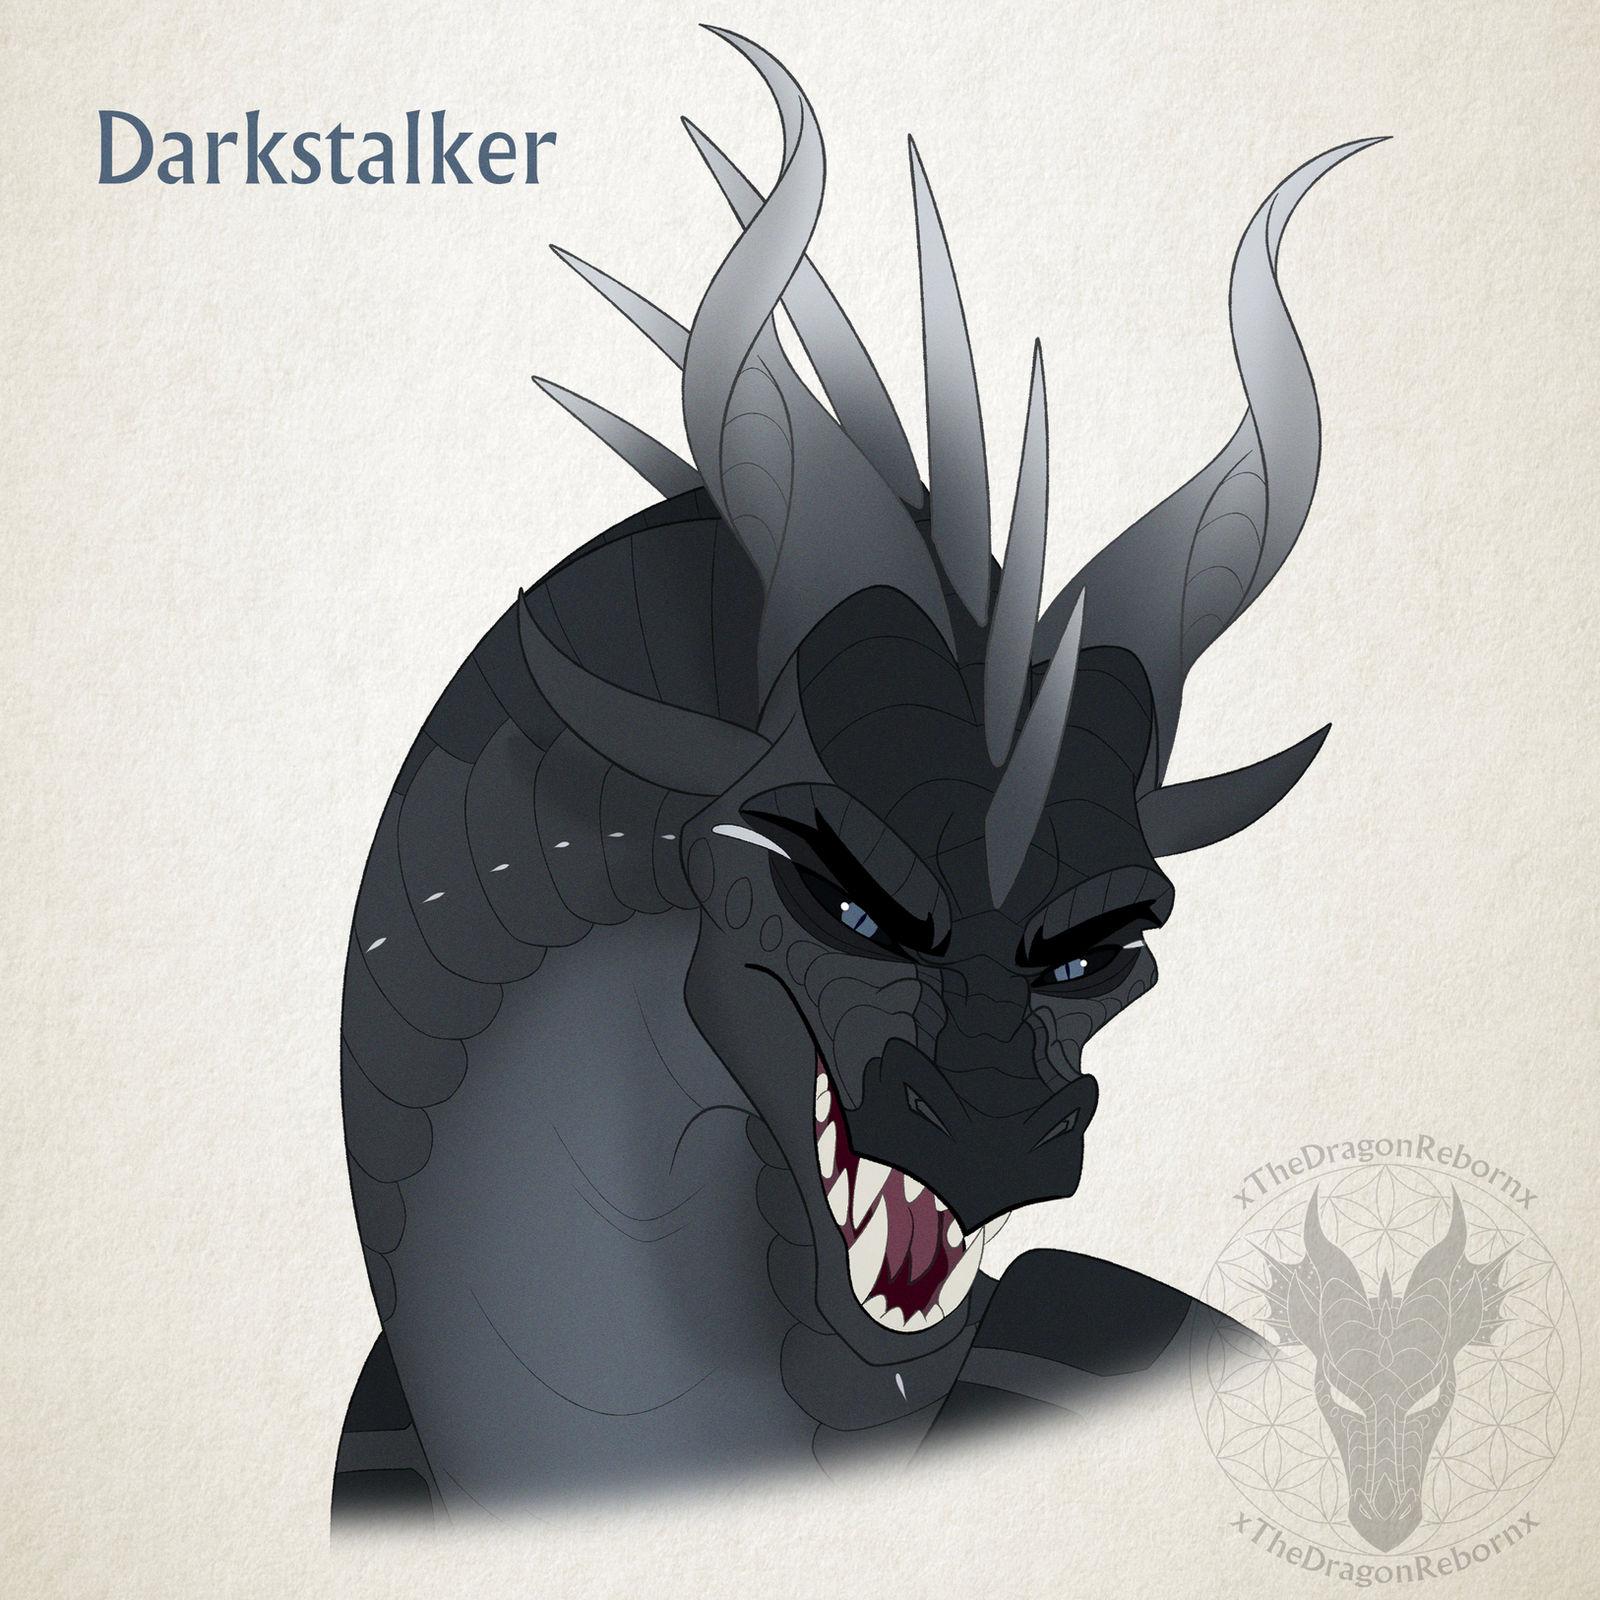 WoF H-a-D Day 14 - Darkstalker by xTheDragonRebornx